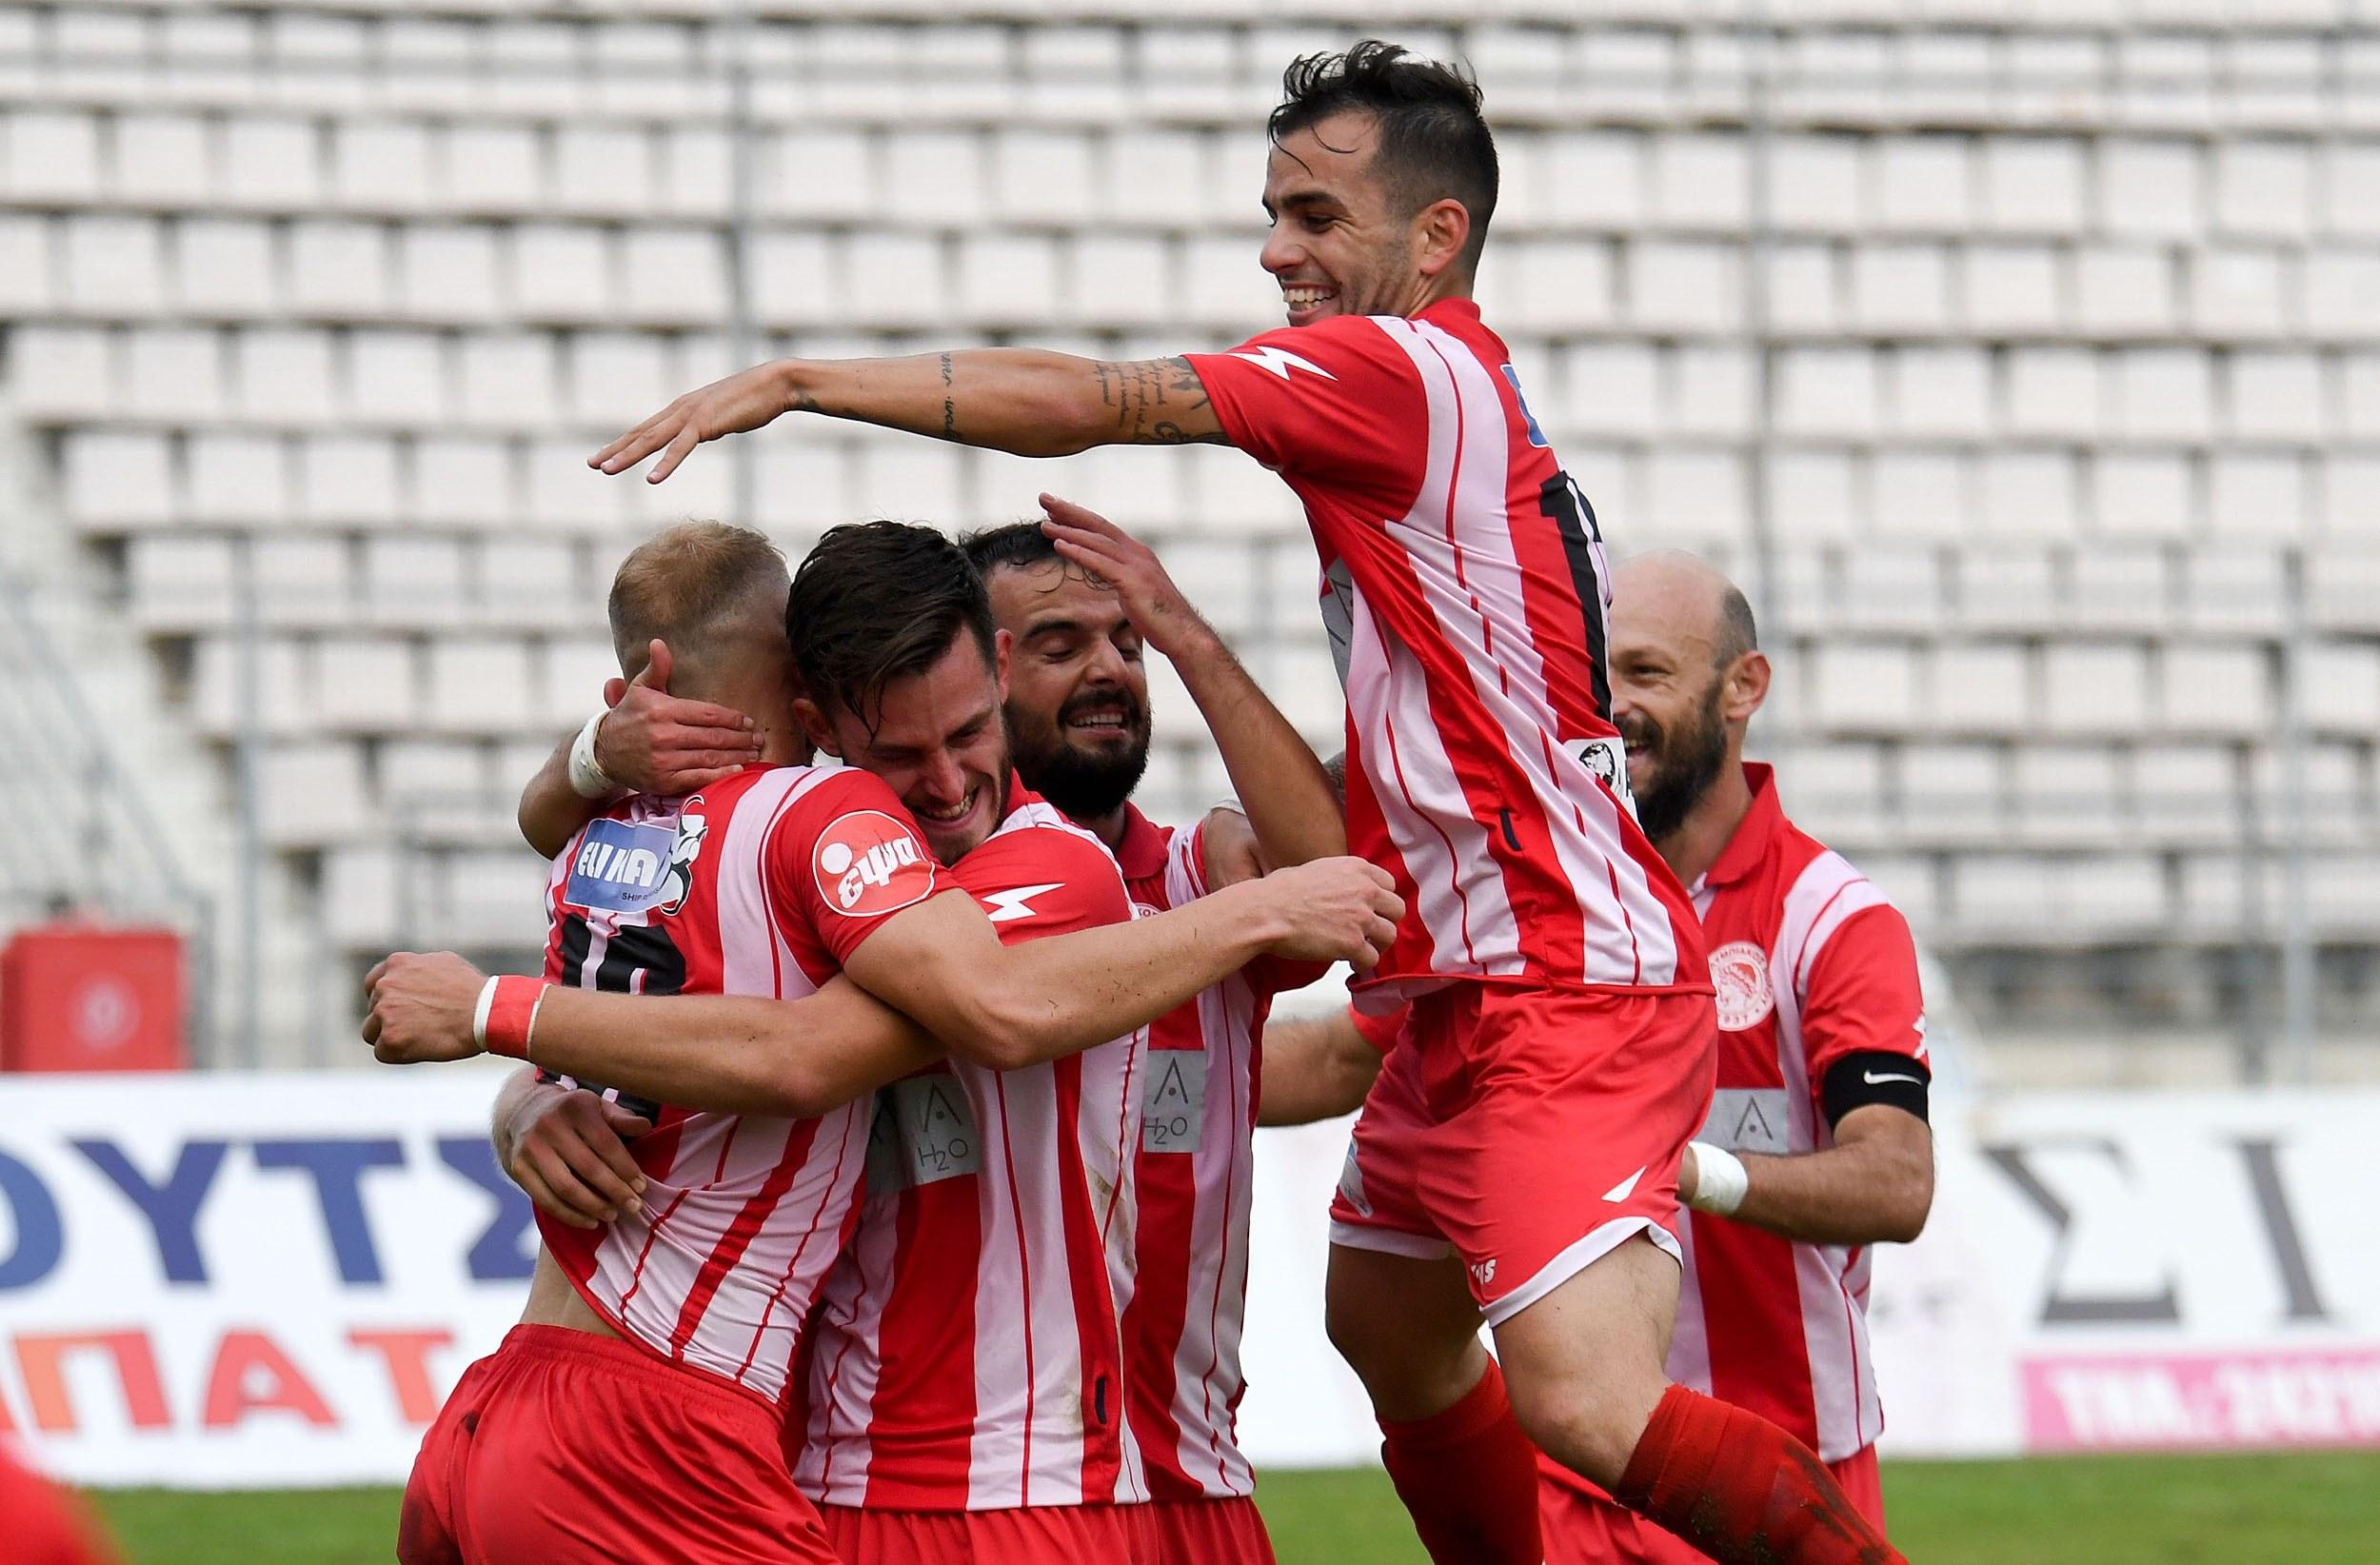 Ο Ολυμπιακός Βόλου διέλυσε με 5-0 τον Απόλλωνα Μακρυχωρίου